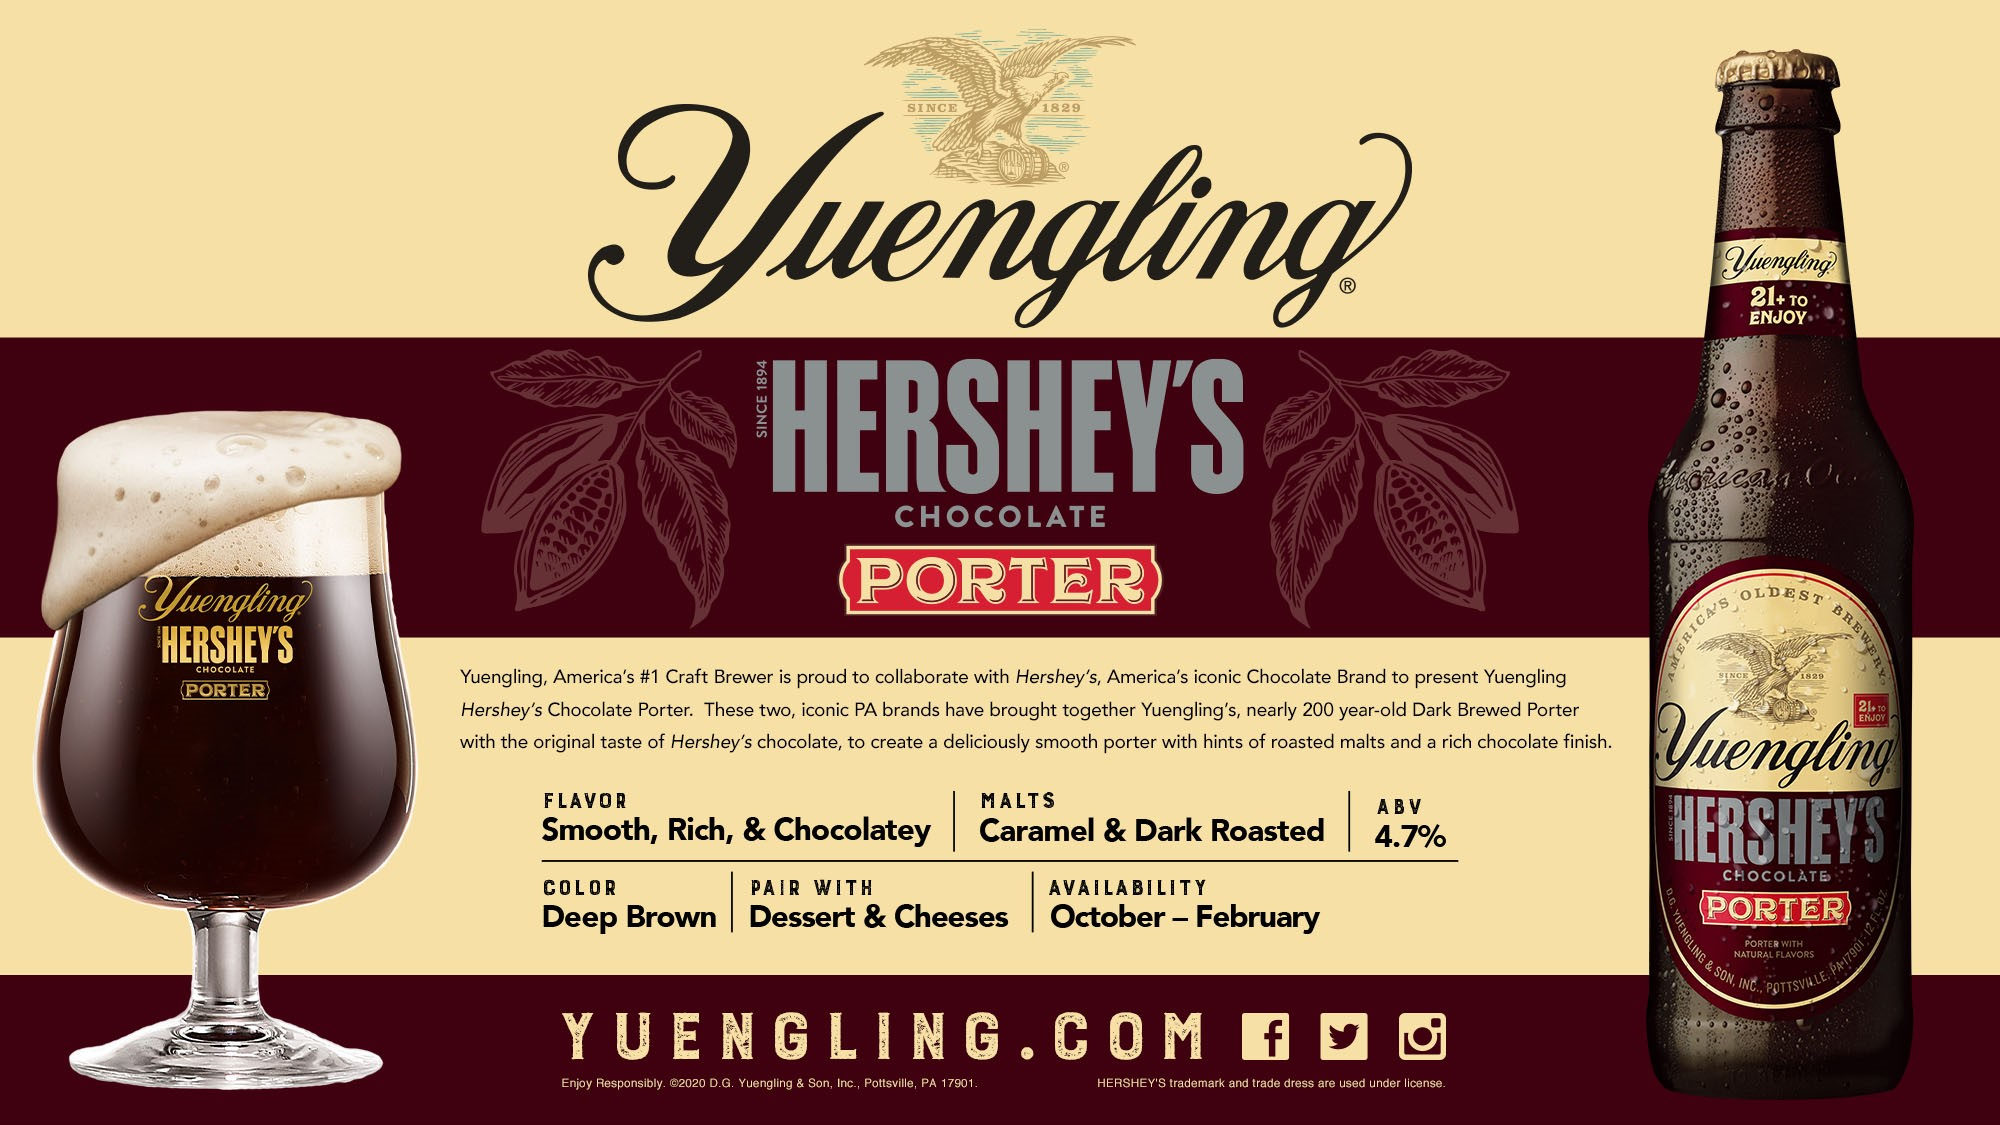 NEW! Yuengling Hershey's Chocolate Porter